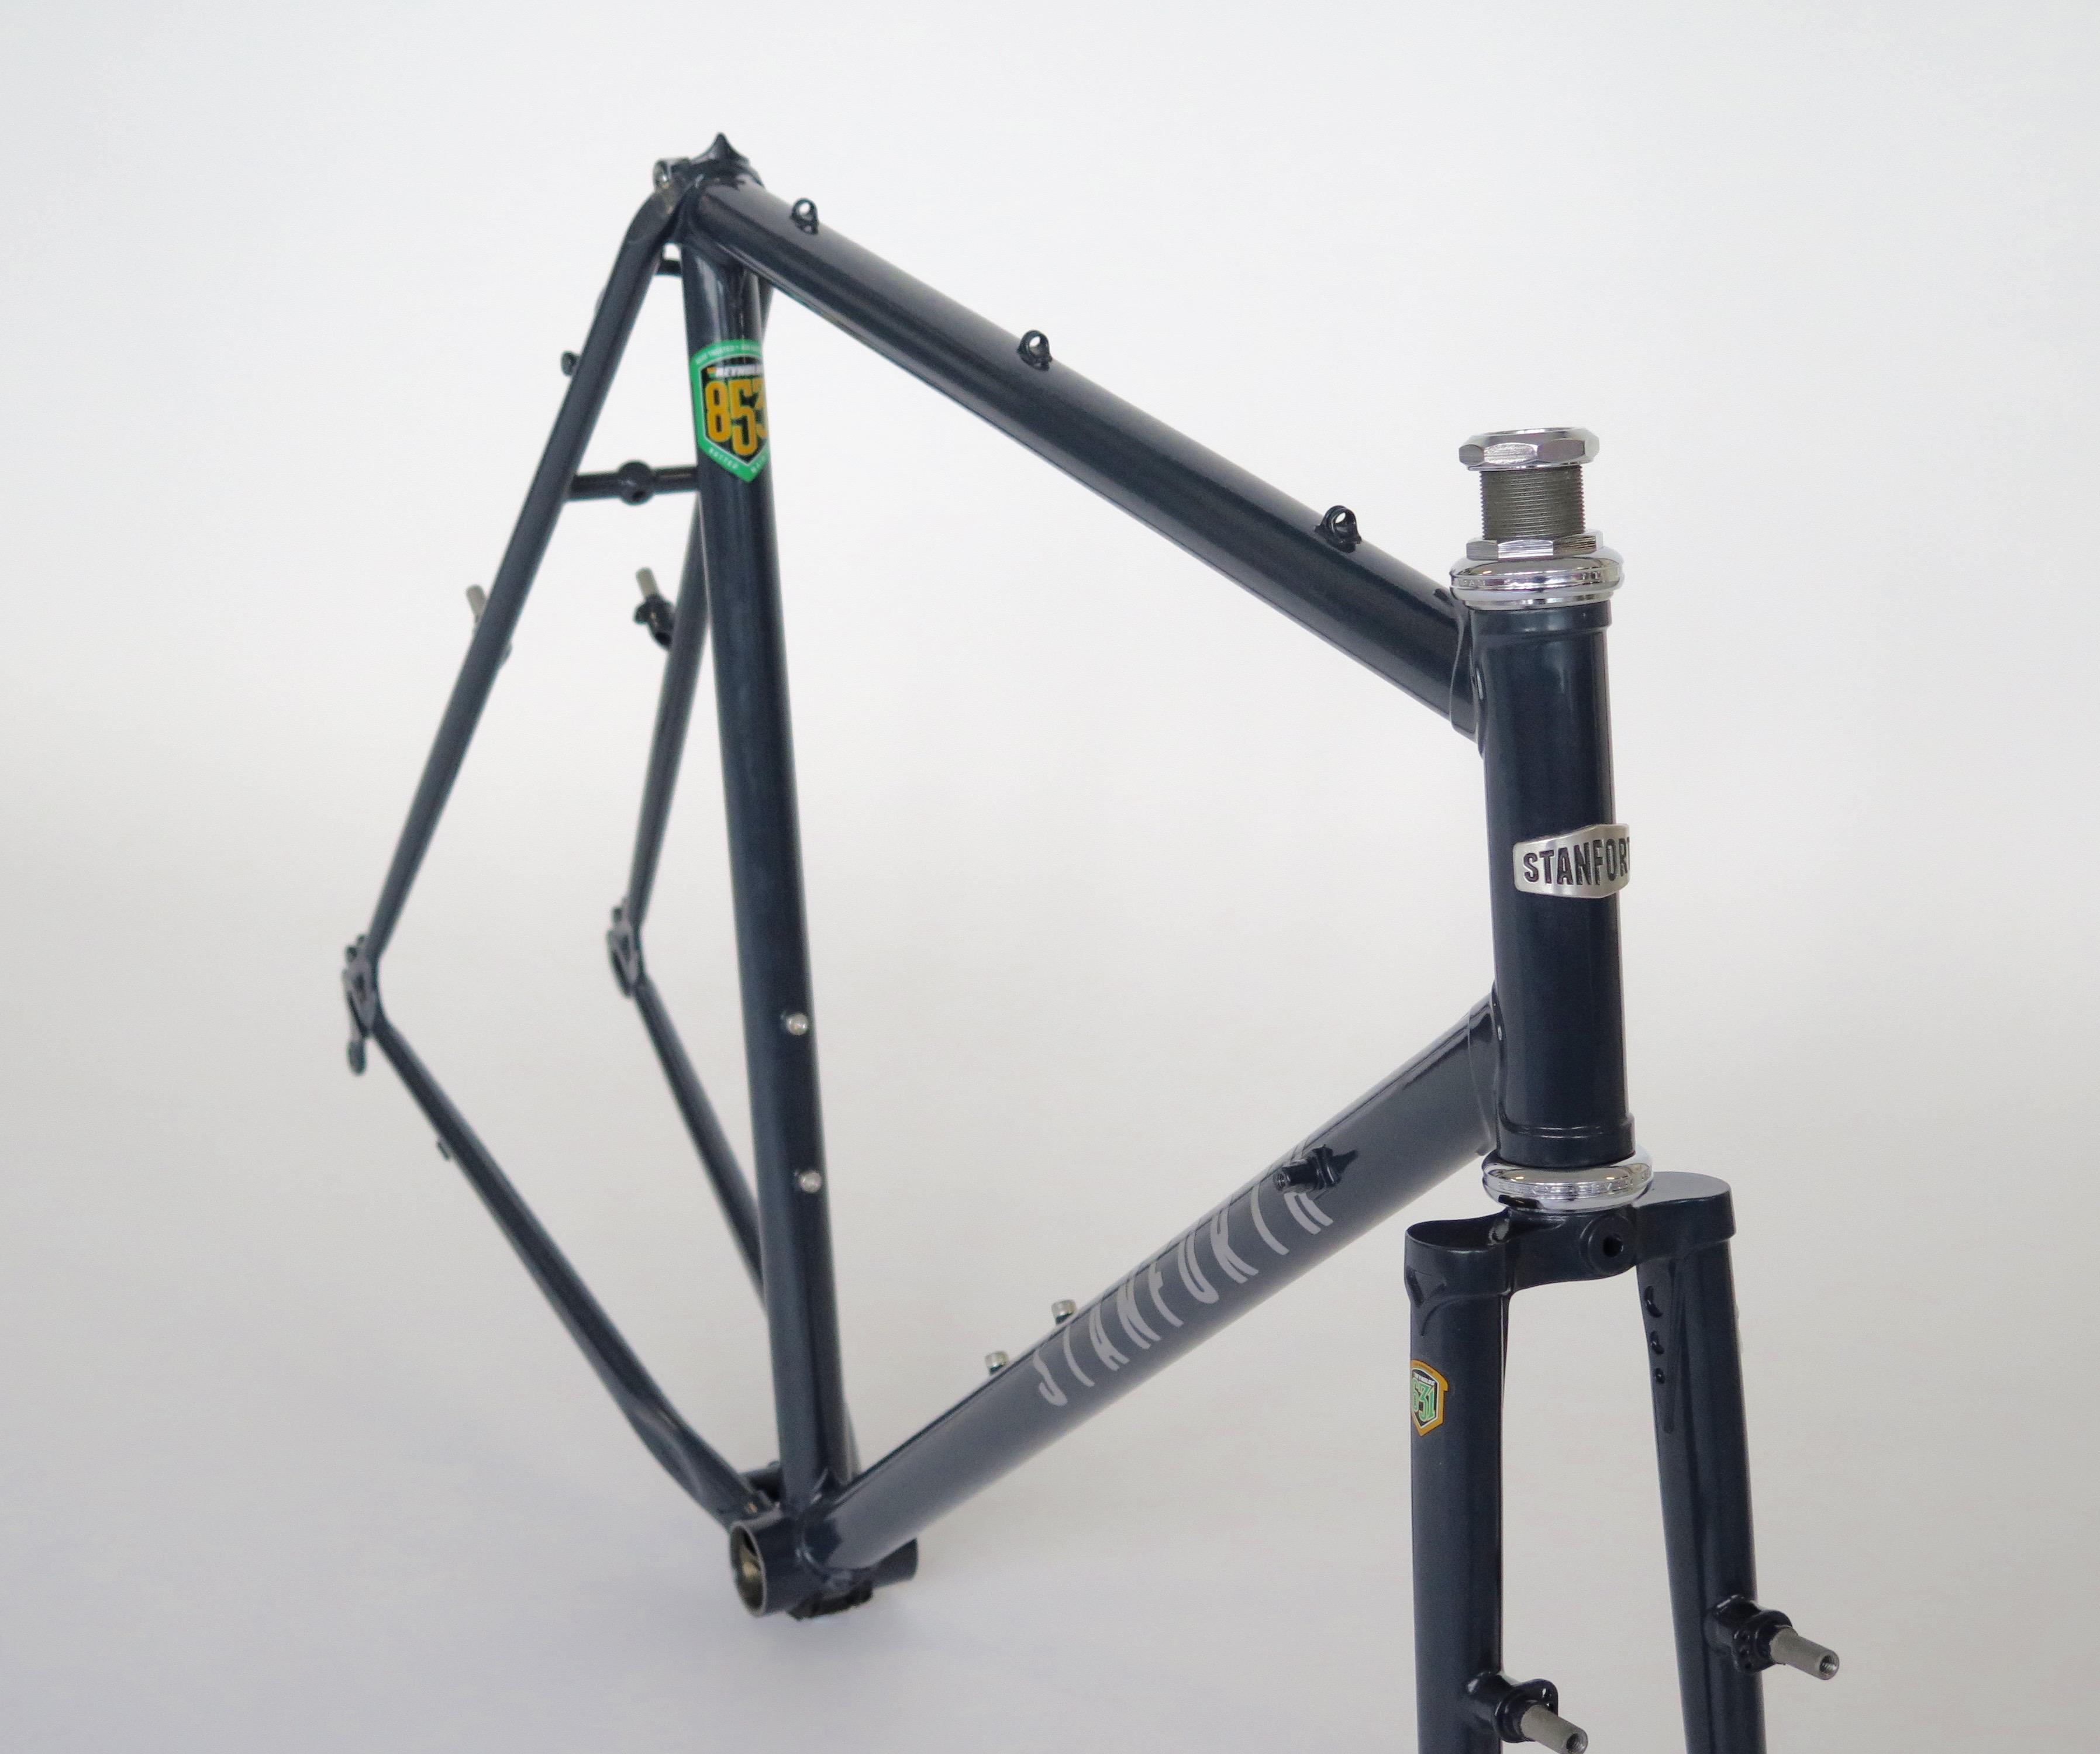 Skyelander 650b frame and forks